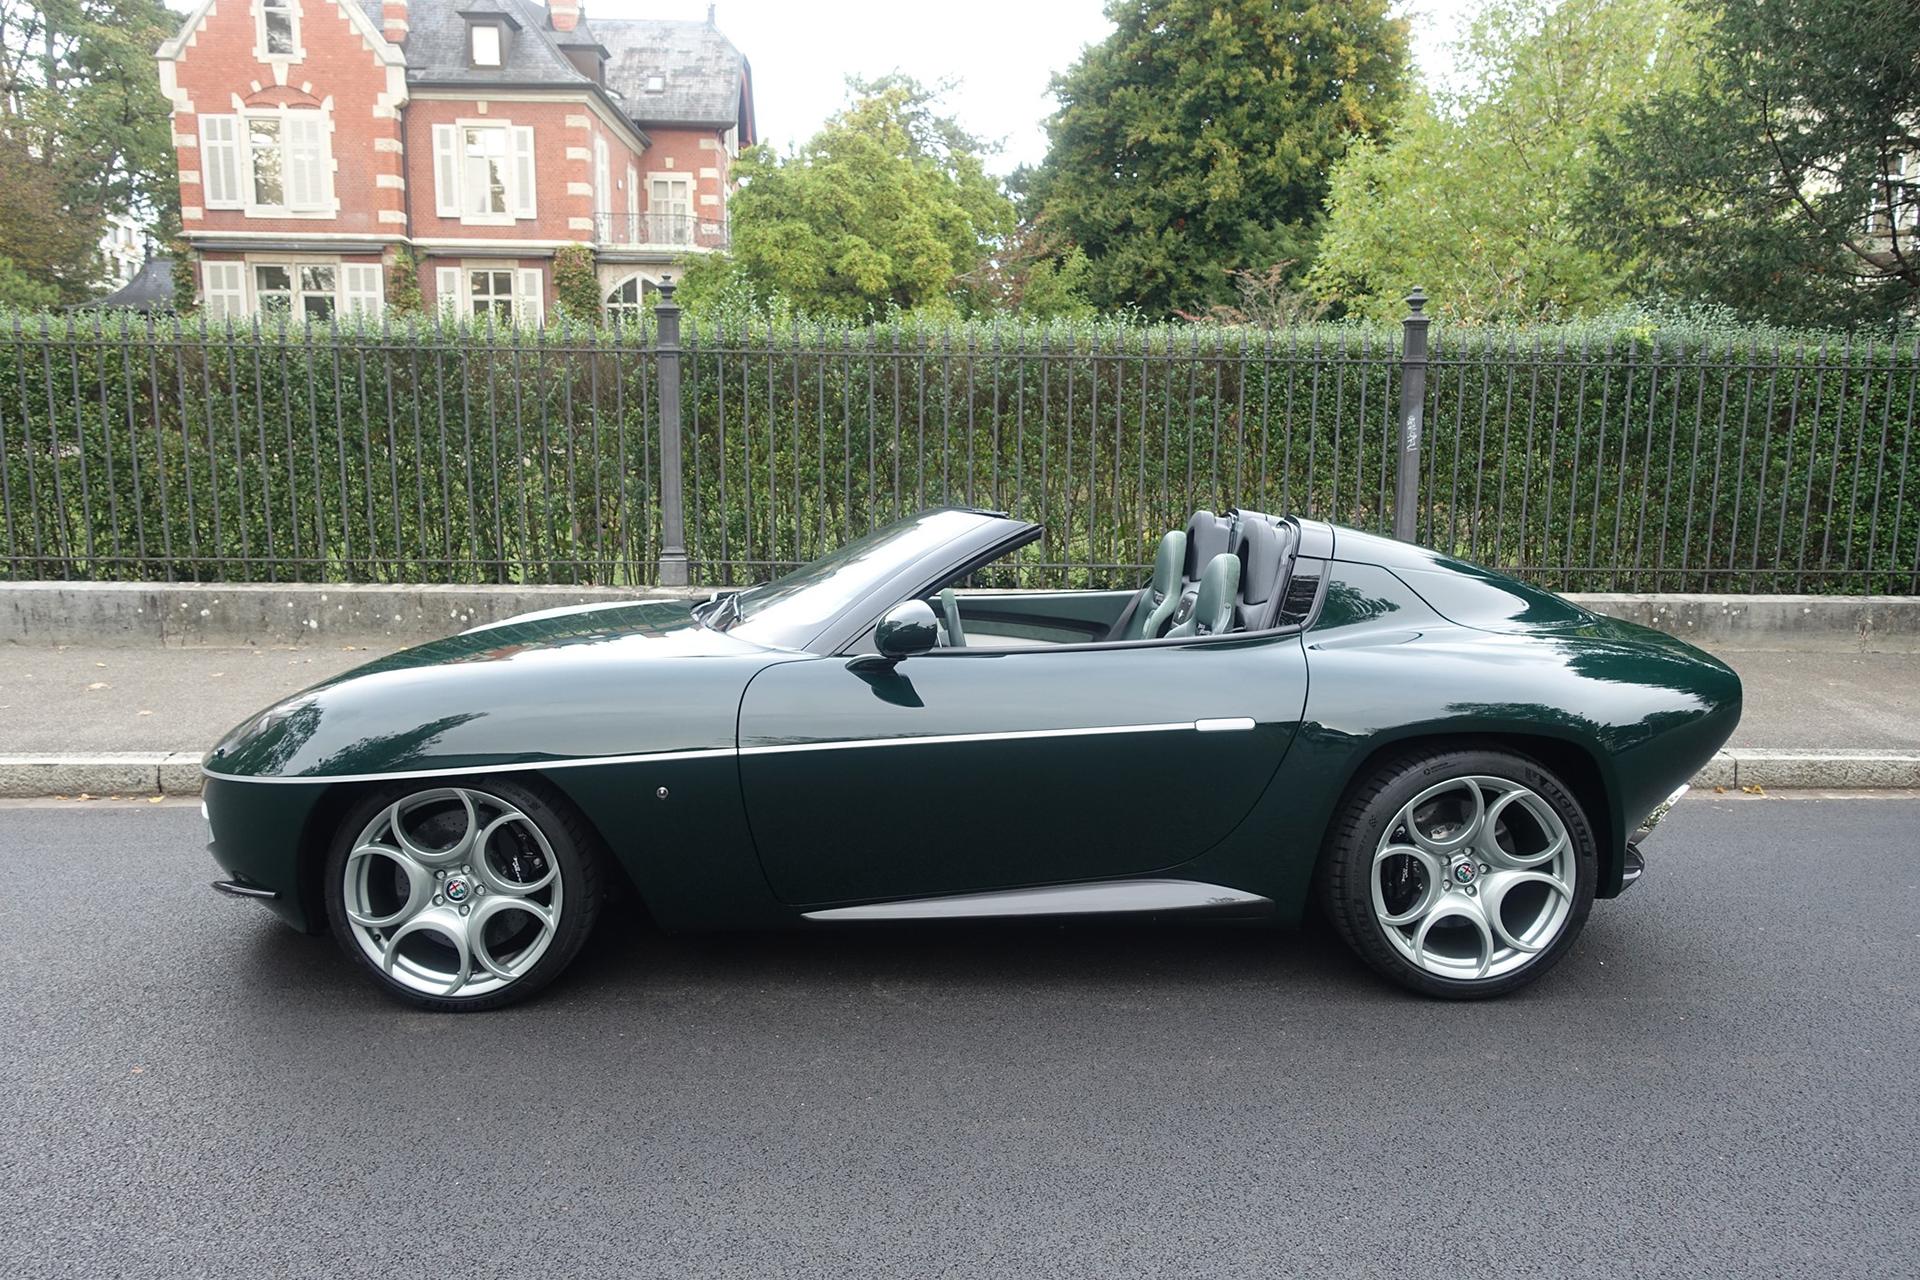 Disco Volante Spyder green colour